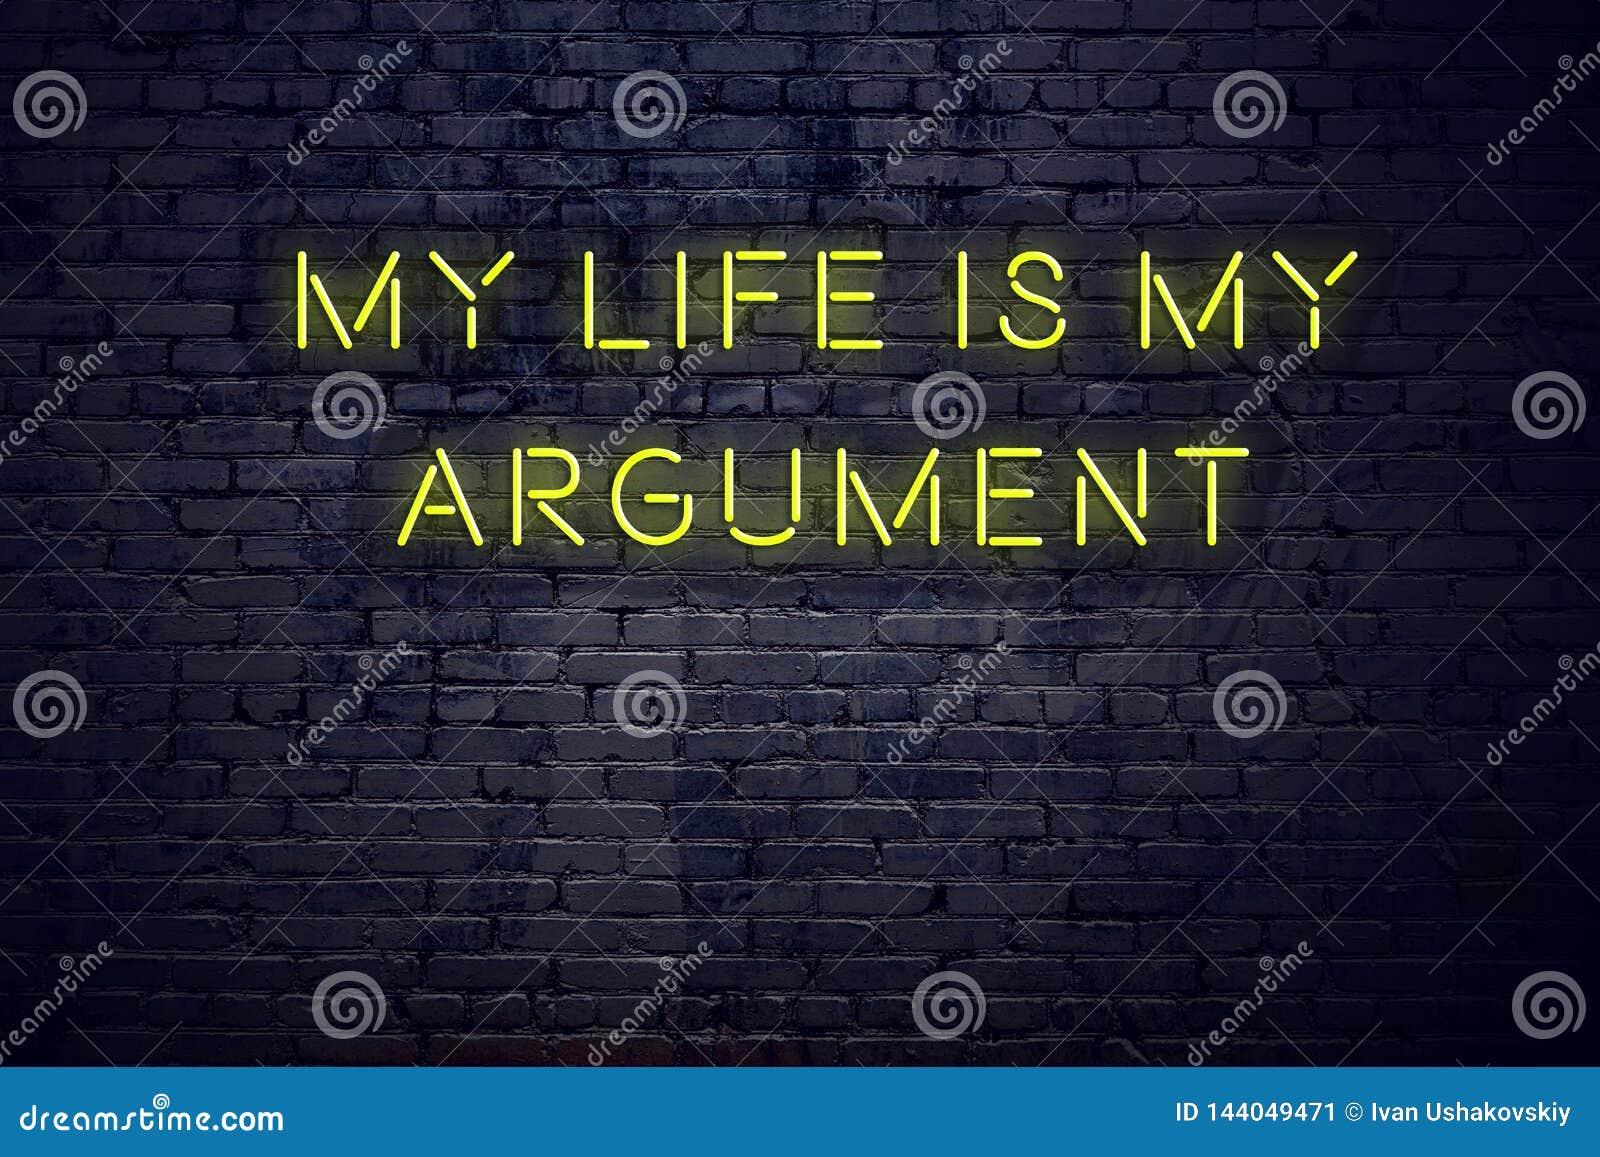 As citações inspiradores positivas no sinal de néon contra a parede de tijolo minha vida são meu argumento